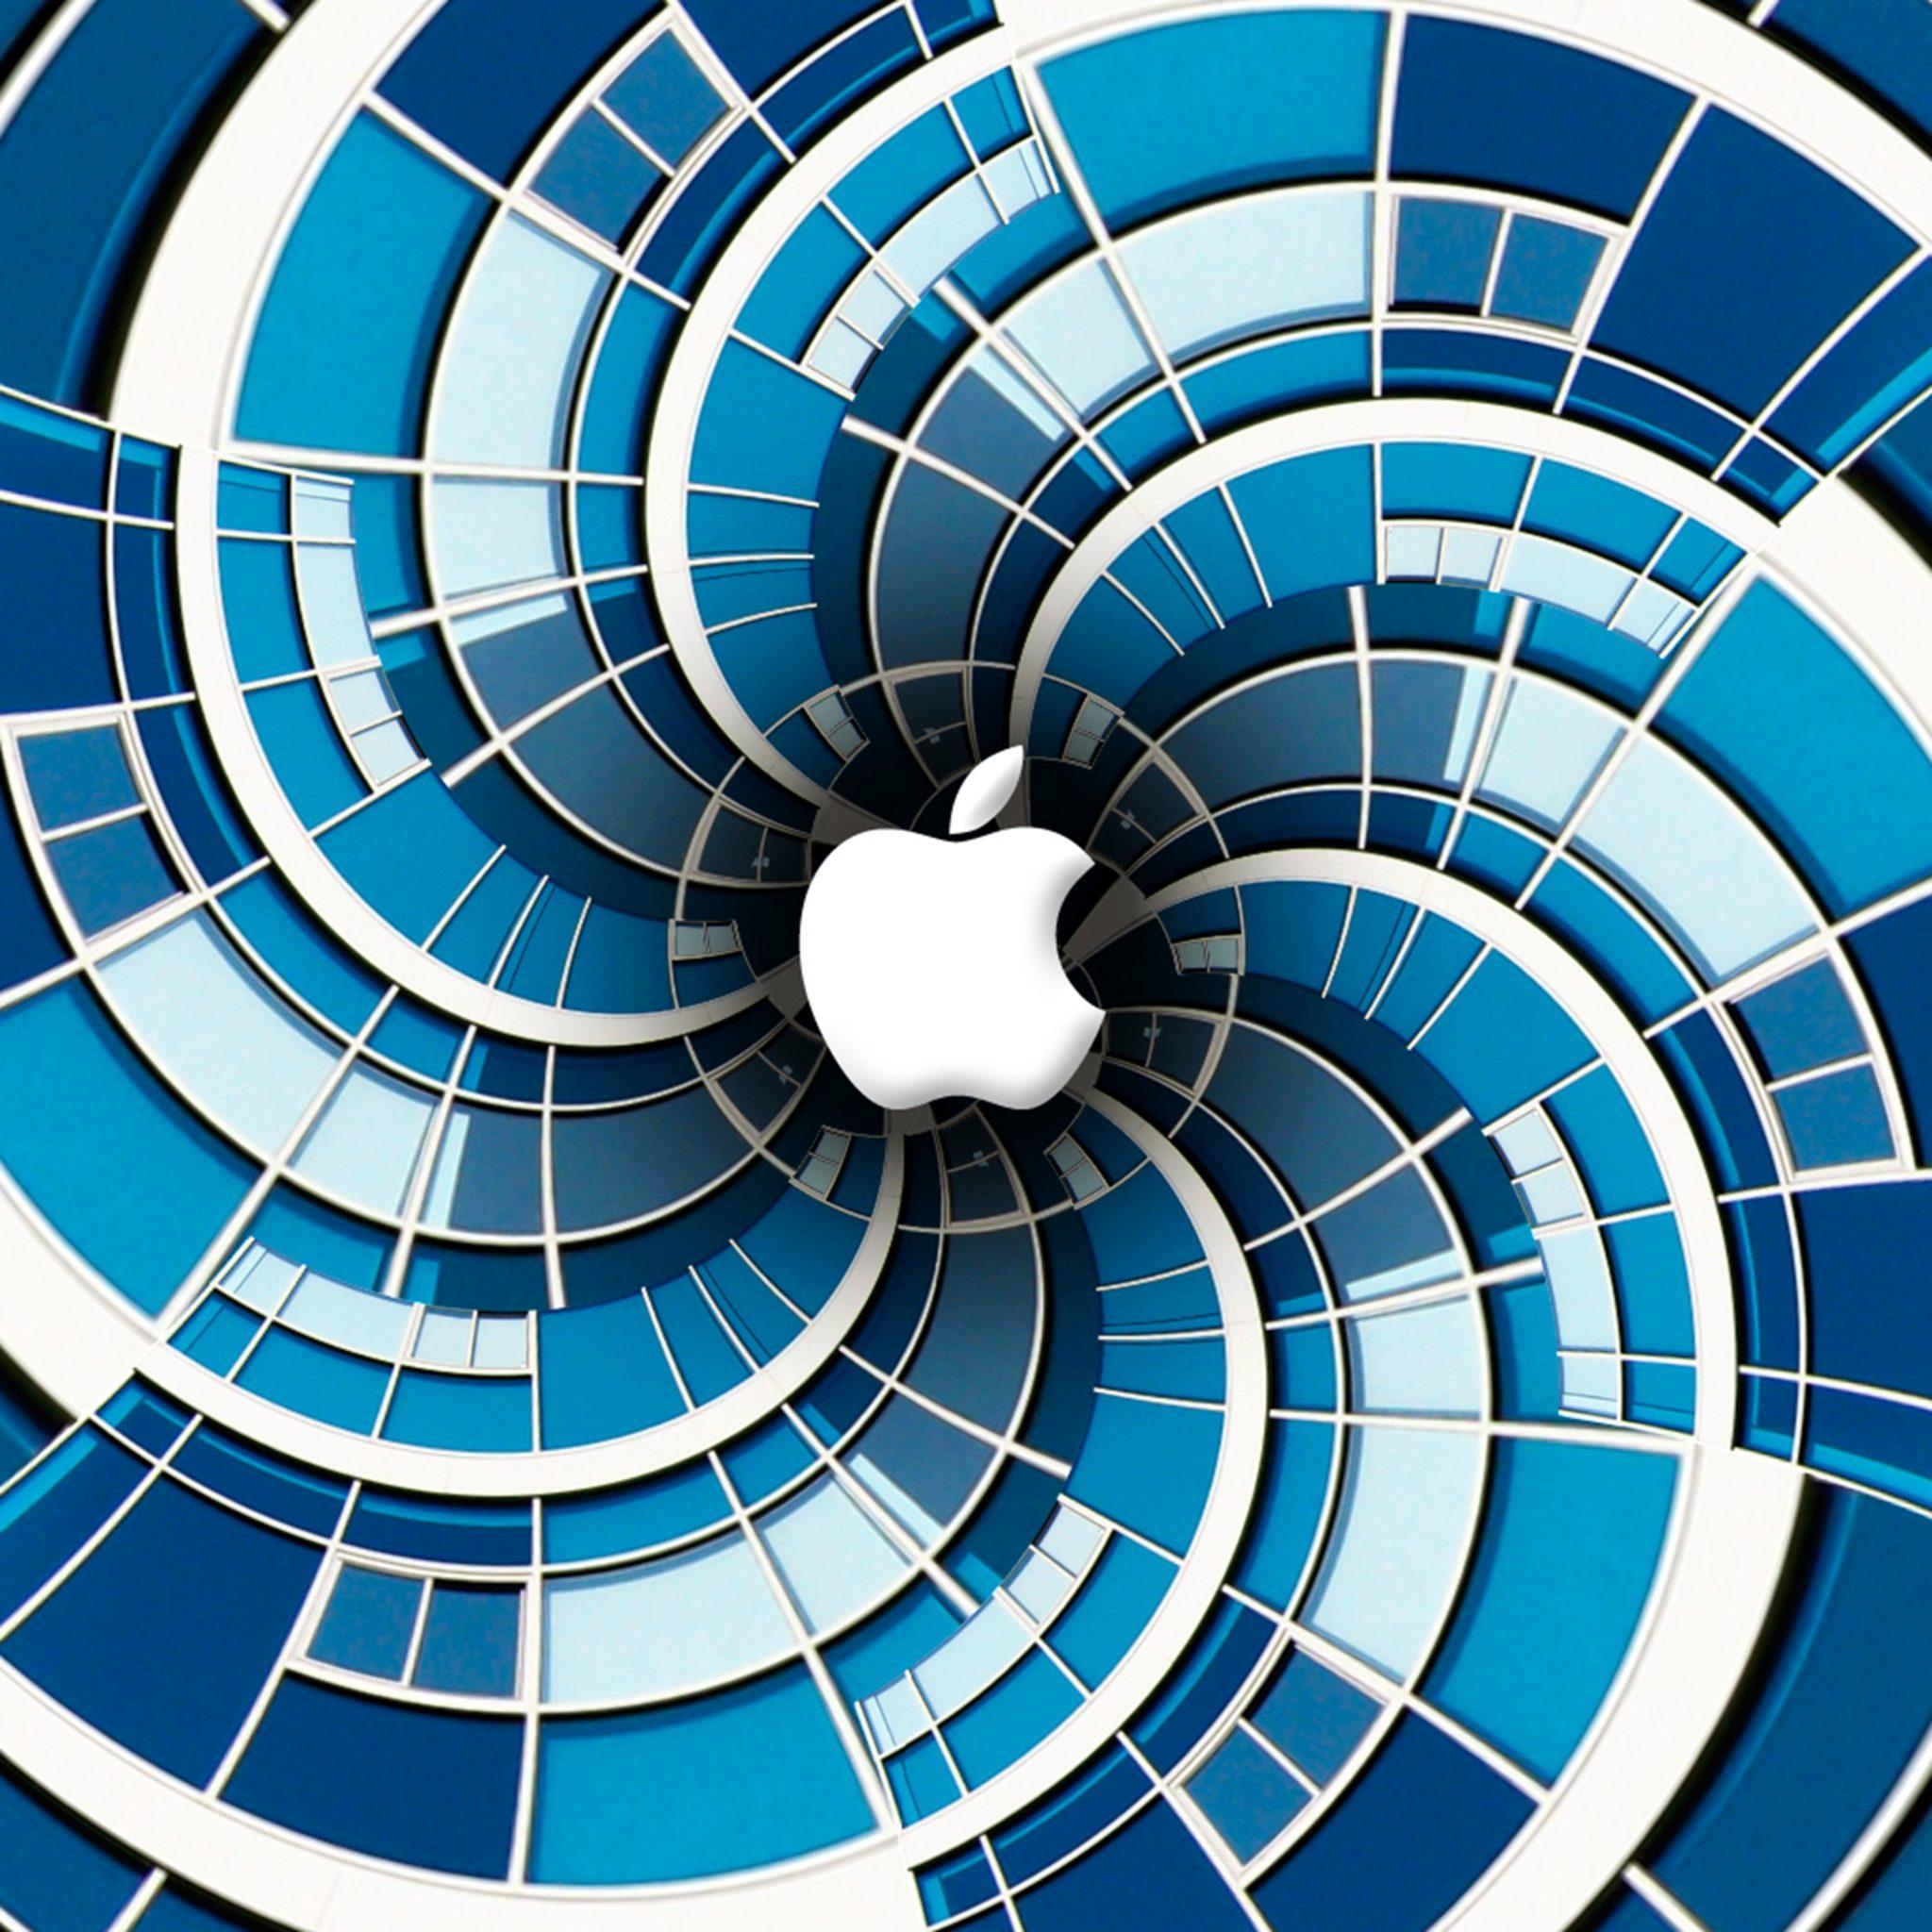 2048x2048 wallpapers iPad retina Apple Vertigo Ipad Wallpaper 2048x2048 pixels resolution